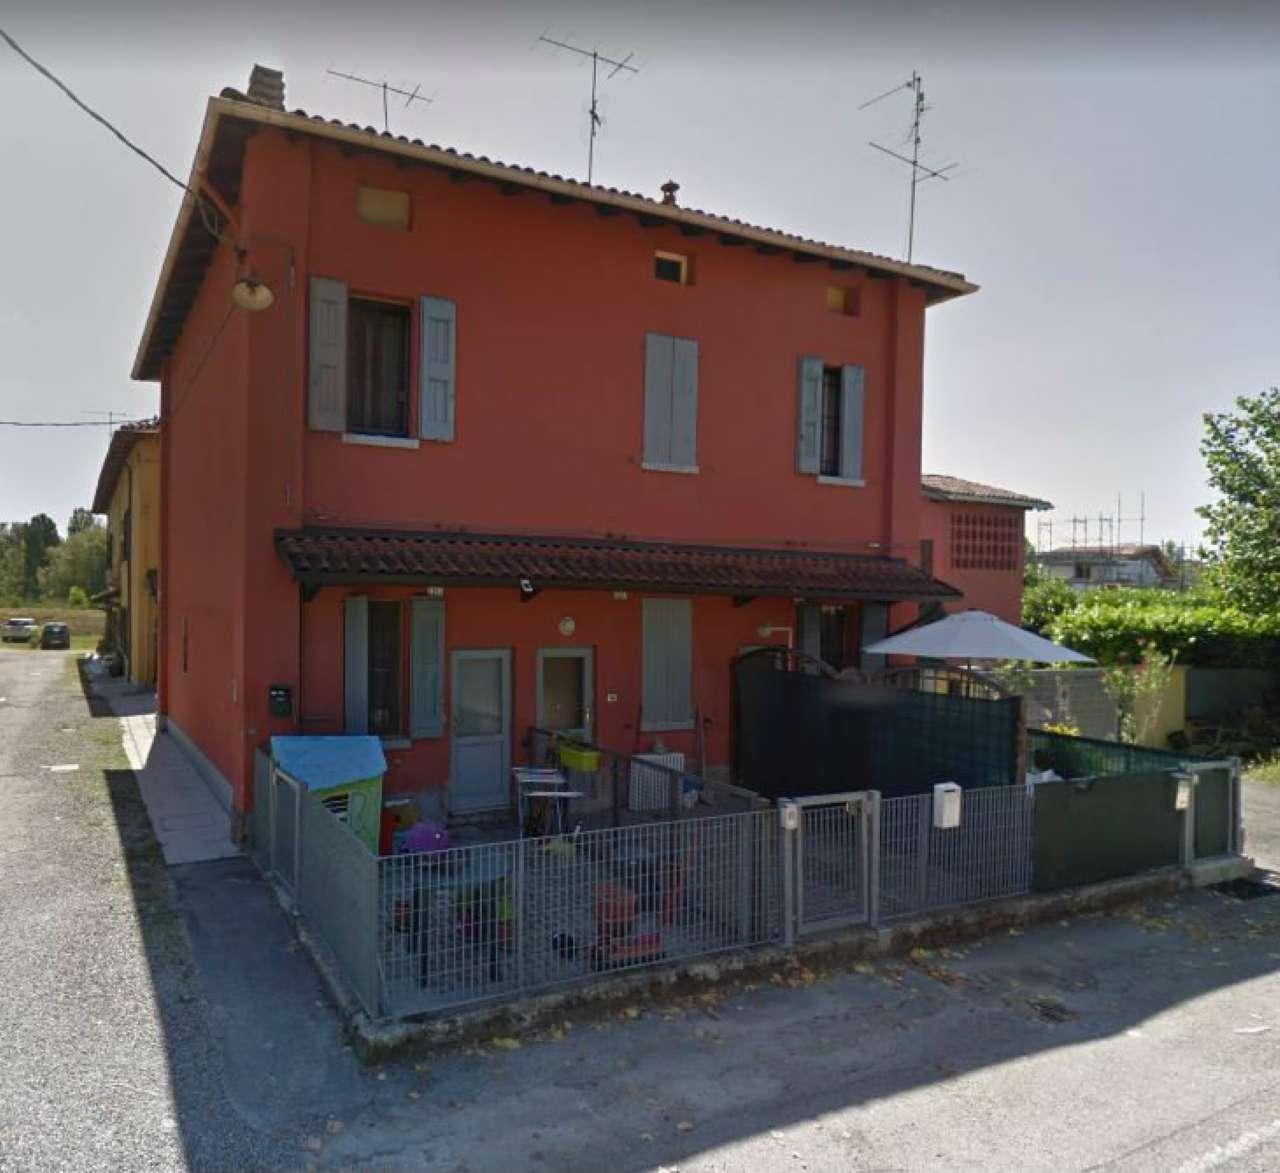 Appartamento in vendita a Calderara di Reno, 4 locali, prezzo € 25.313 | PortaleAgenzieImmobiliari.it